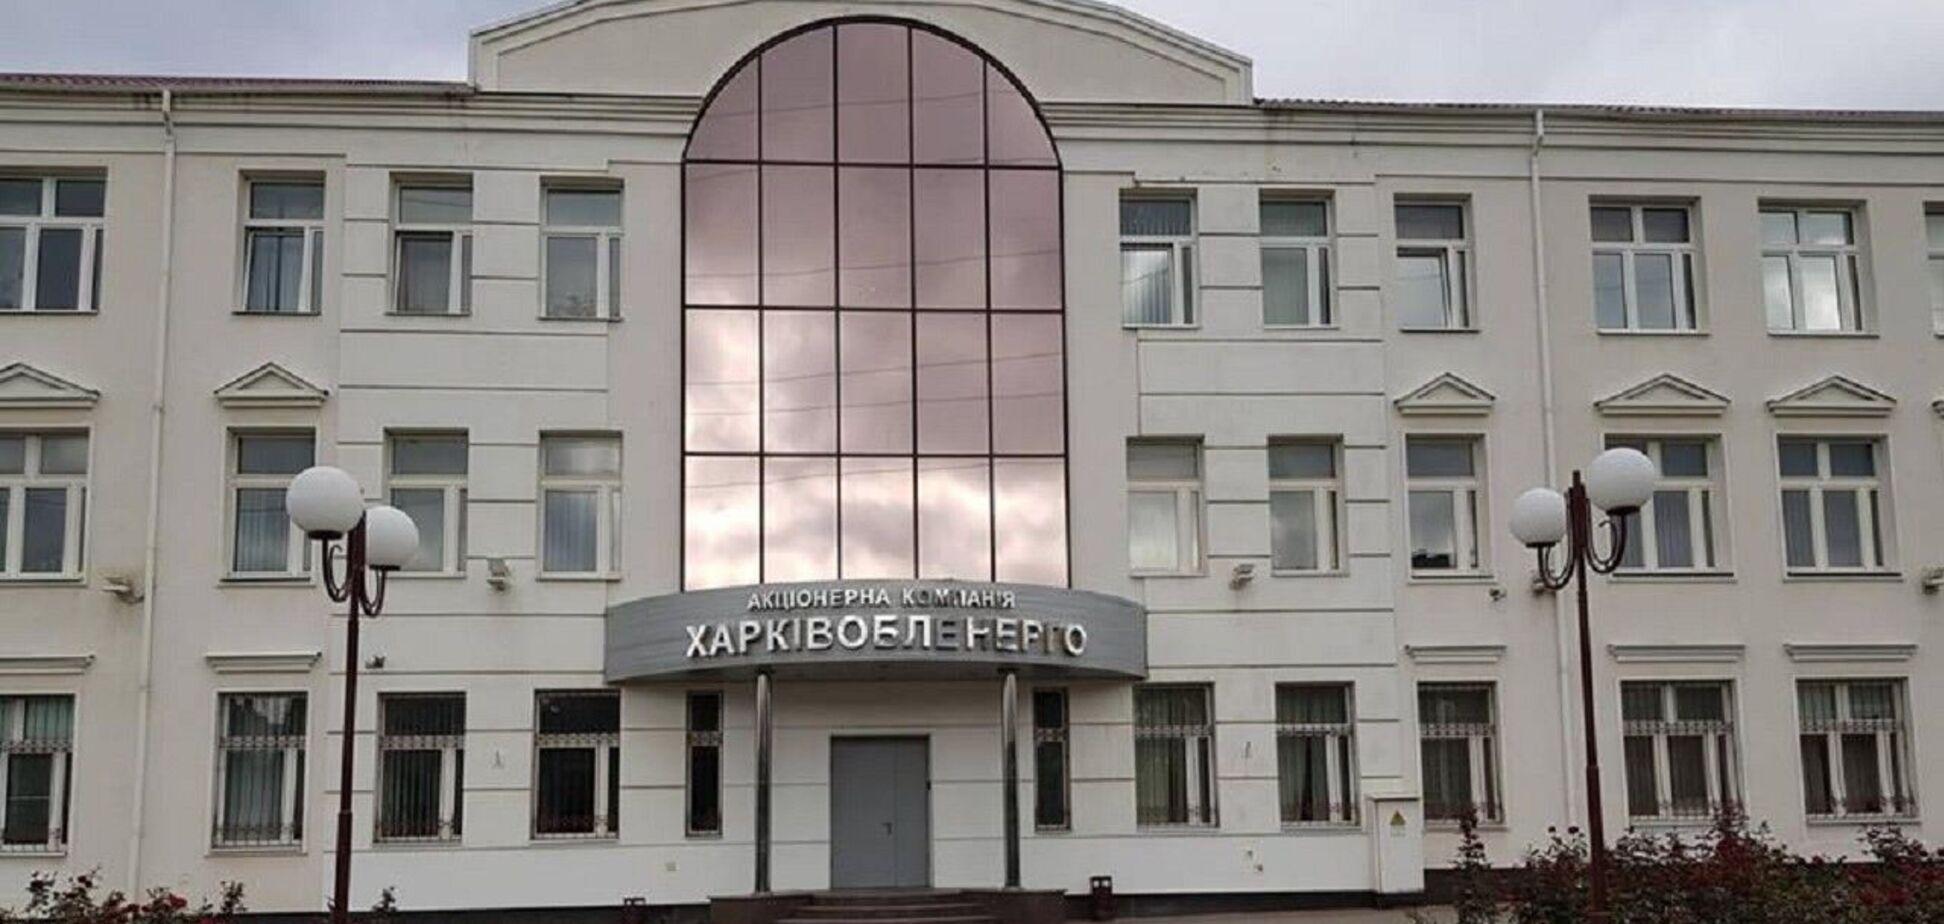 Акционер АО «Харьковоблэнерго» и ЗАО «Харьковэнергосбыт» заявил о срыве подготовки к приватизации энергокомпаний